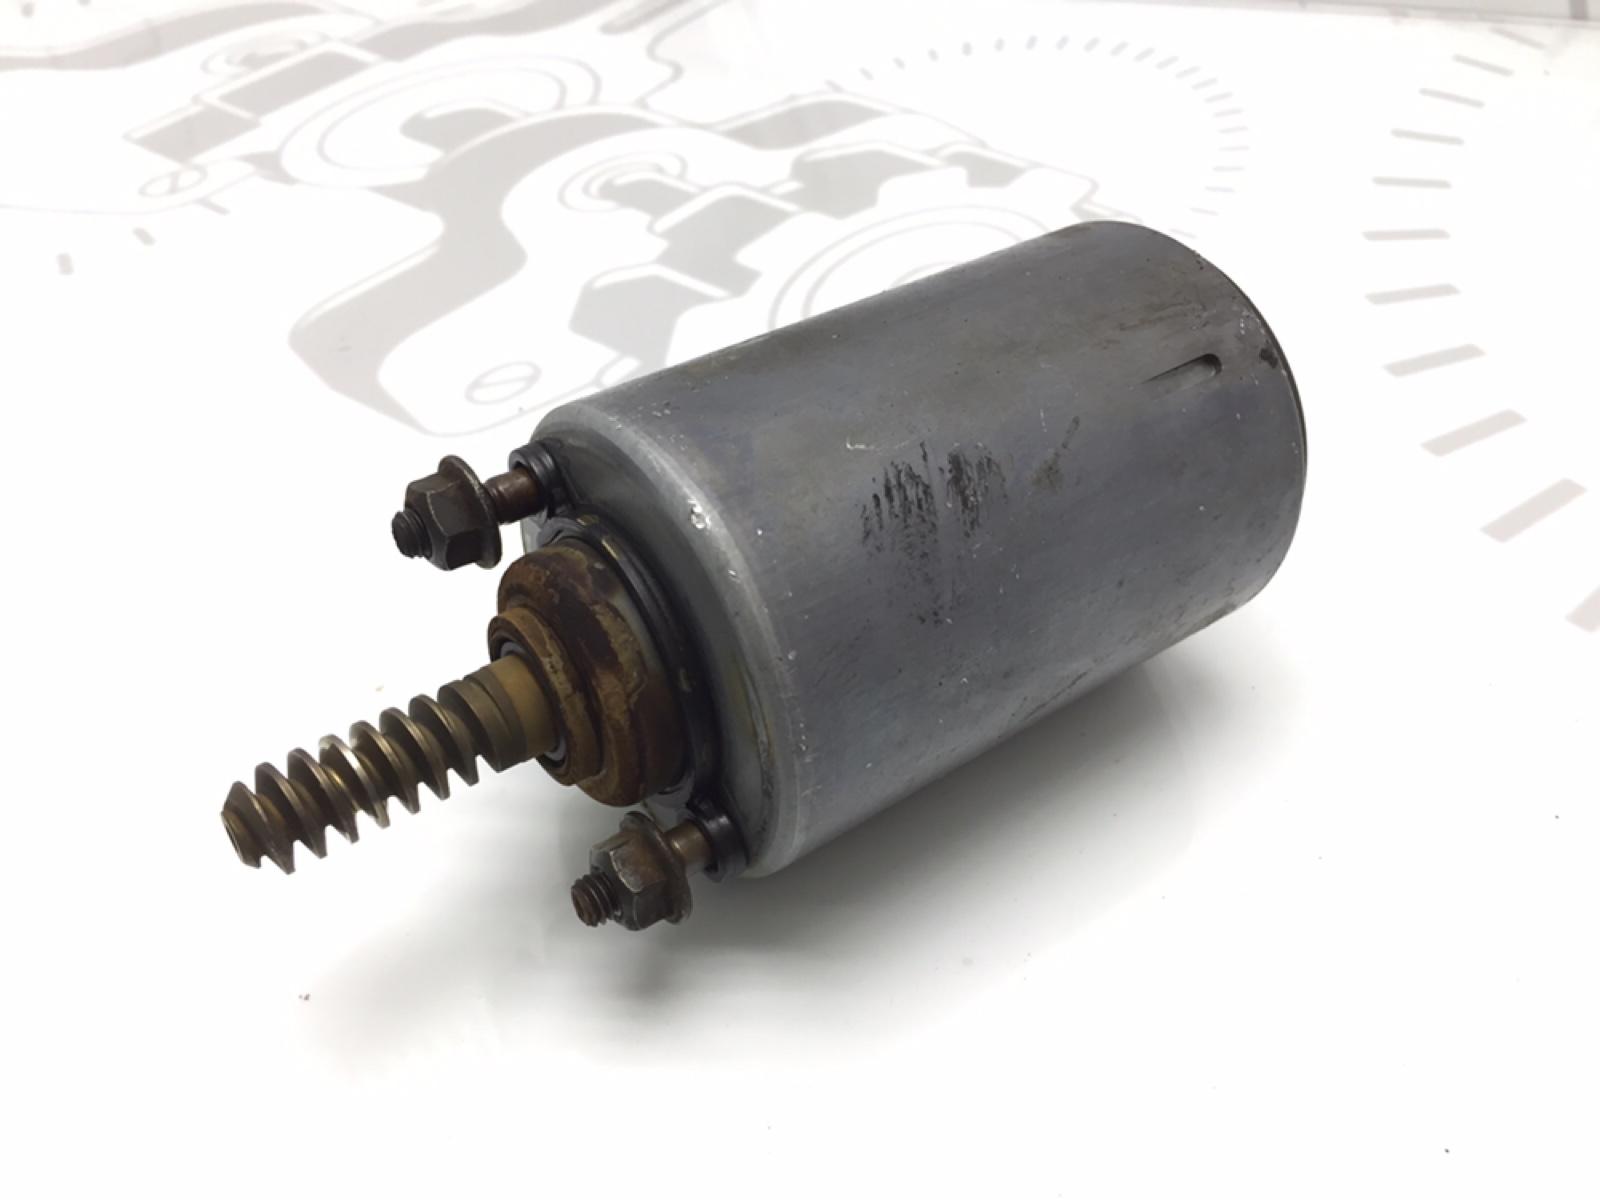 Моторчик vvt (эксцентрикового вала) Bmw 3 E46 1.8 I 2002 (б/у)